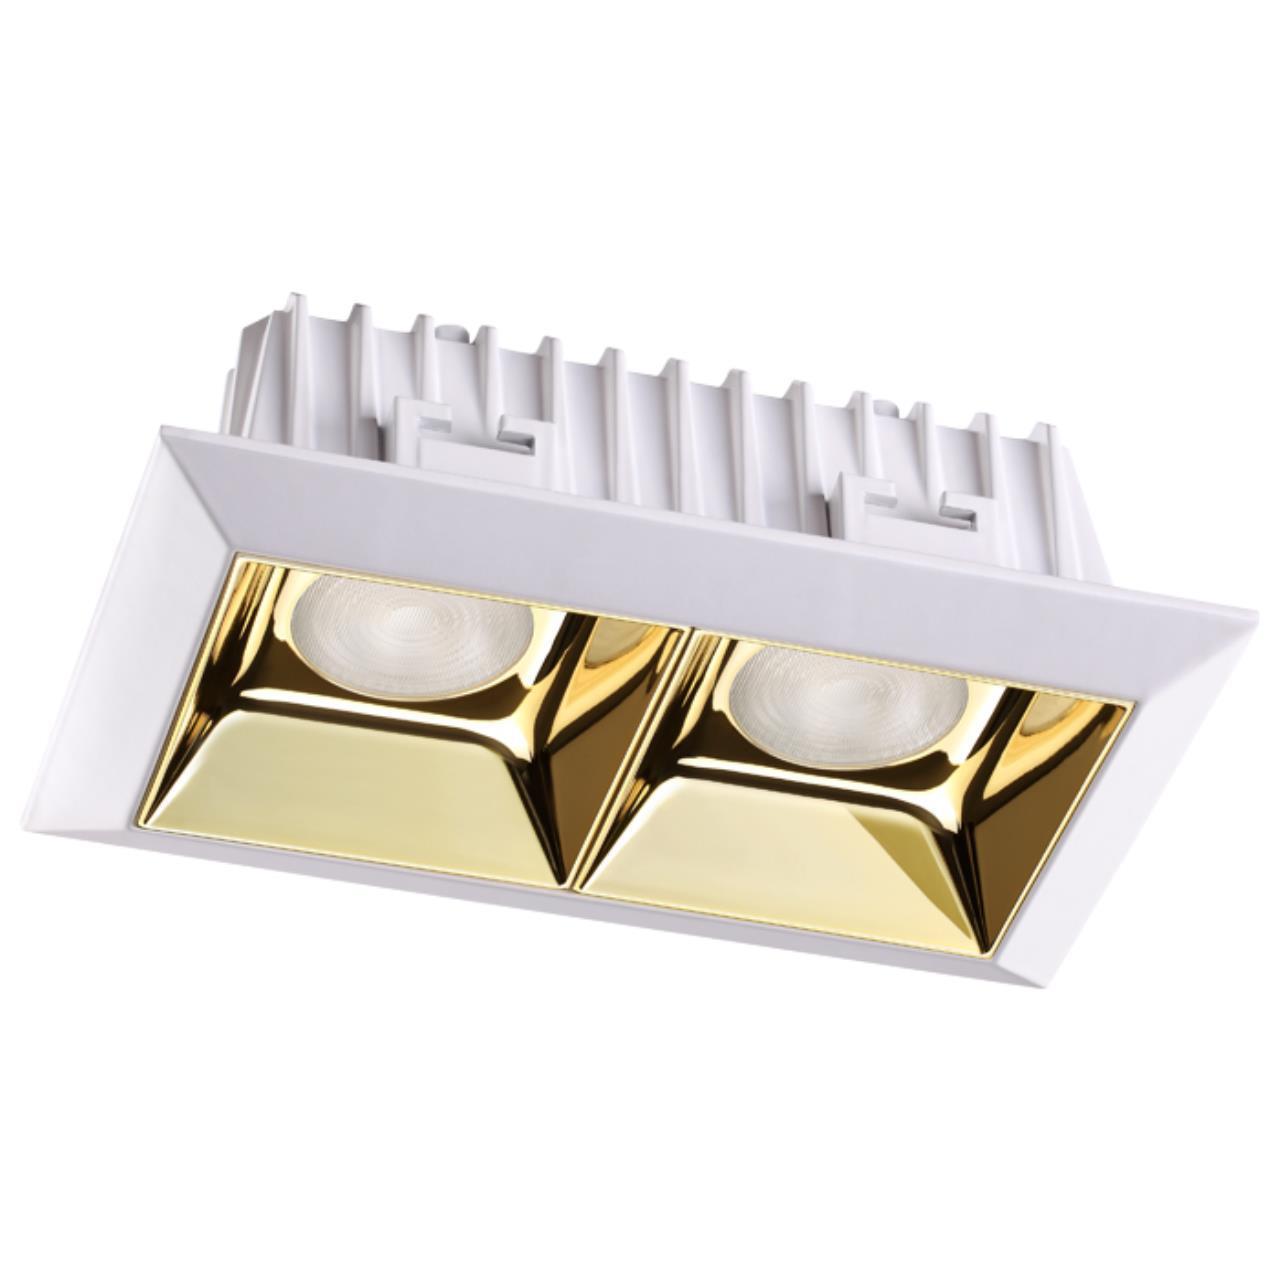 357847 SPOT NT18 054 белый/золото Встраиваемый светильник IP33 LED 3000К 14W 110-265V ANTEY